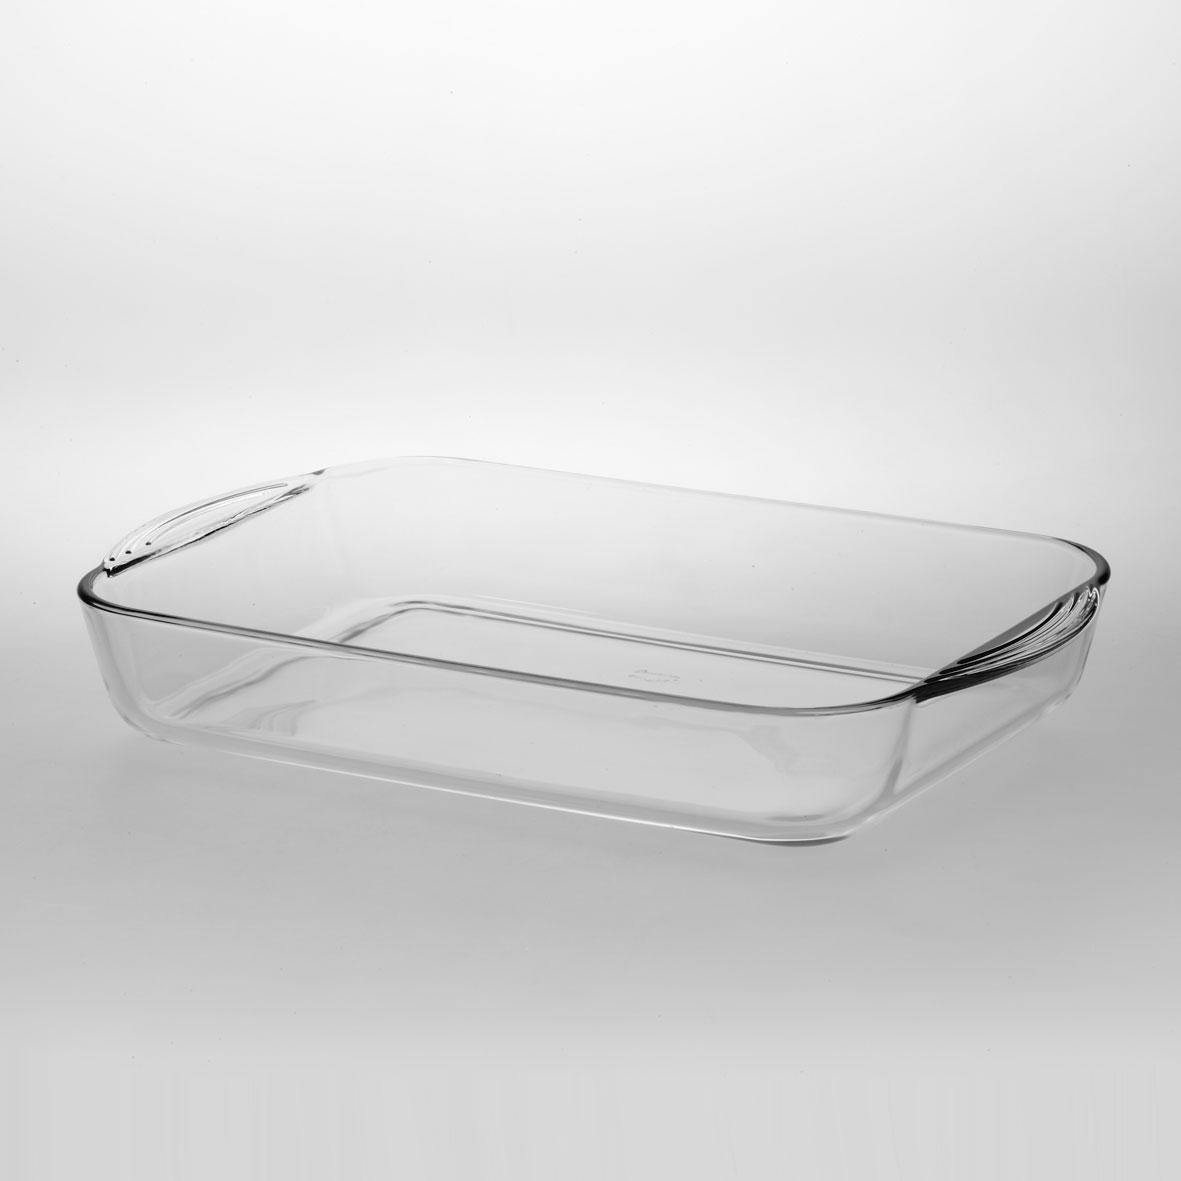 Лоток для СВЧ Borcam, прямоугольный, 40 см х 25 см х 6 см59124Прямоугольный лоток Borcam, изготовленный из жаропрочного боросиликатного стекла, будет отличным выбором для всех любителей блюд, приготовленных в духовке и микроволновой печи. В этой посуде вы будете с удовольствием готовить, легко контролируя процесс через прозрачное стекло. Вы сможете красиво сервировать стол, подав готовое блюдо в элегантной стеклянной емкости. А если необходимо, удобно разместите лоток в холодильнике. Стекло устойчиво к механическим повреждениям и выдерживает большой перепад температур от - 30°C до 300°C. Термостойкое стекло Borcam - безопасный для здоровья, гигиеничный материал, который не вступает во взаимодействие с продуктами питания, пища не приобретает в процессе приготовления или хранения никаких дополнительных привкусов. Посуда легко очищается нейтральными моющими средствами с помощью мягкой губки или салфетки, имеет длительный срок службы и не теряет в процессе использования внешней привлекательности. Подходит для мытья в посудомоечной машине....